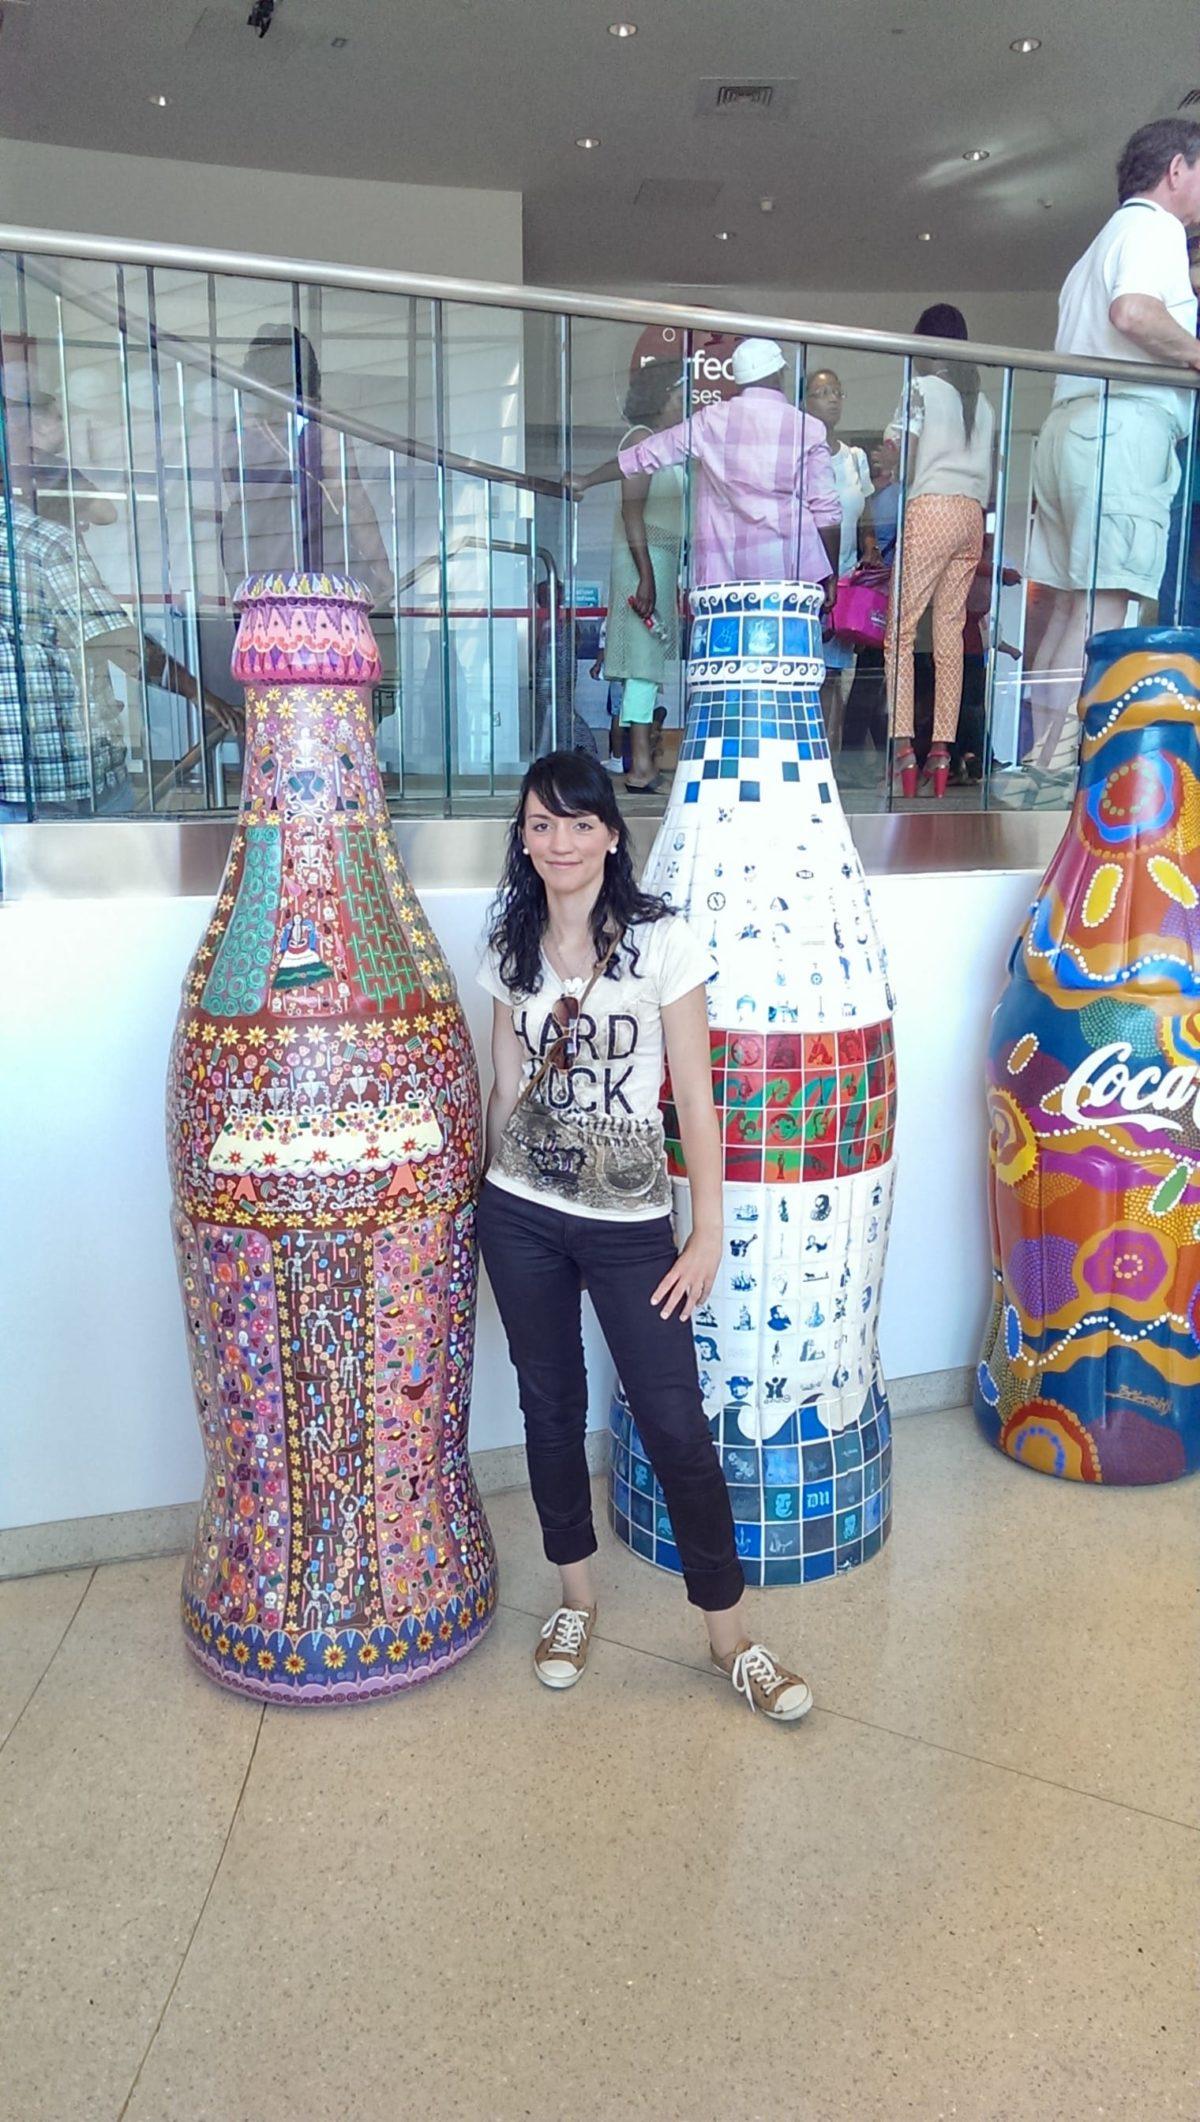 Zu Gast in der Worl of Coca Cola in Atlanta